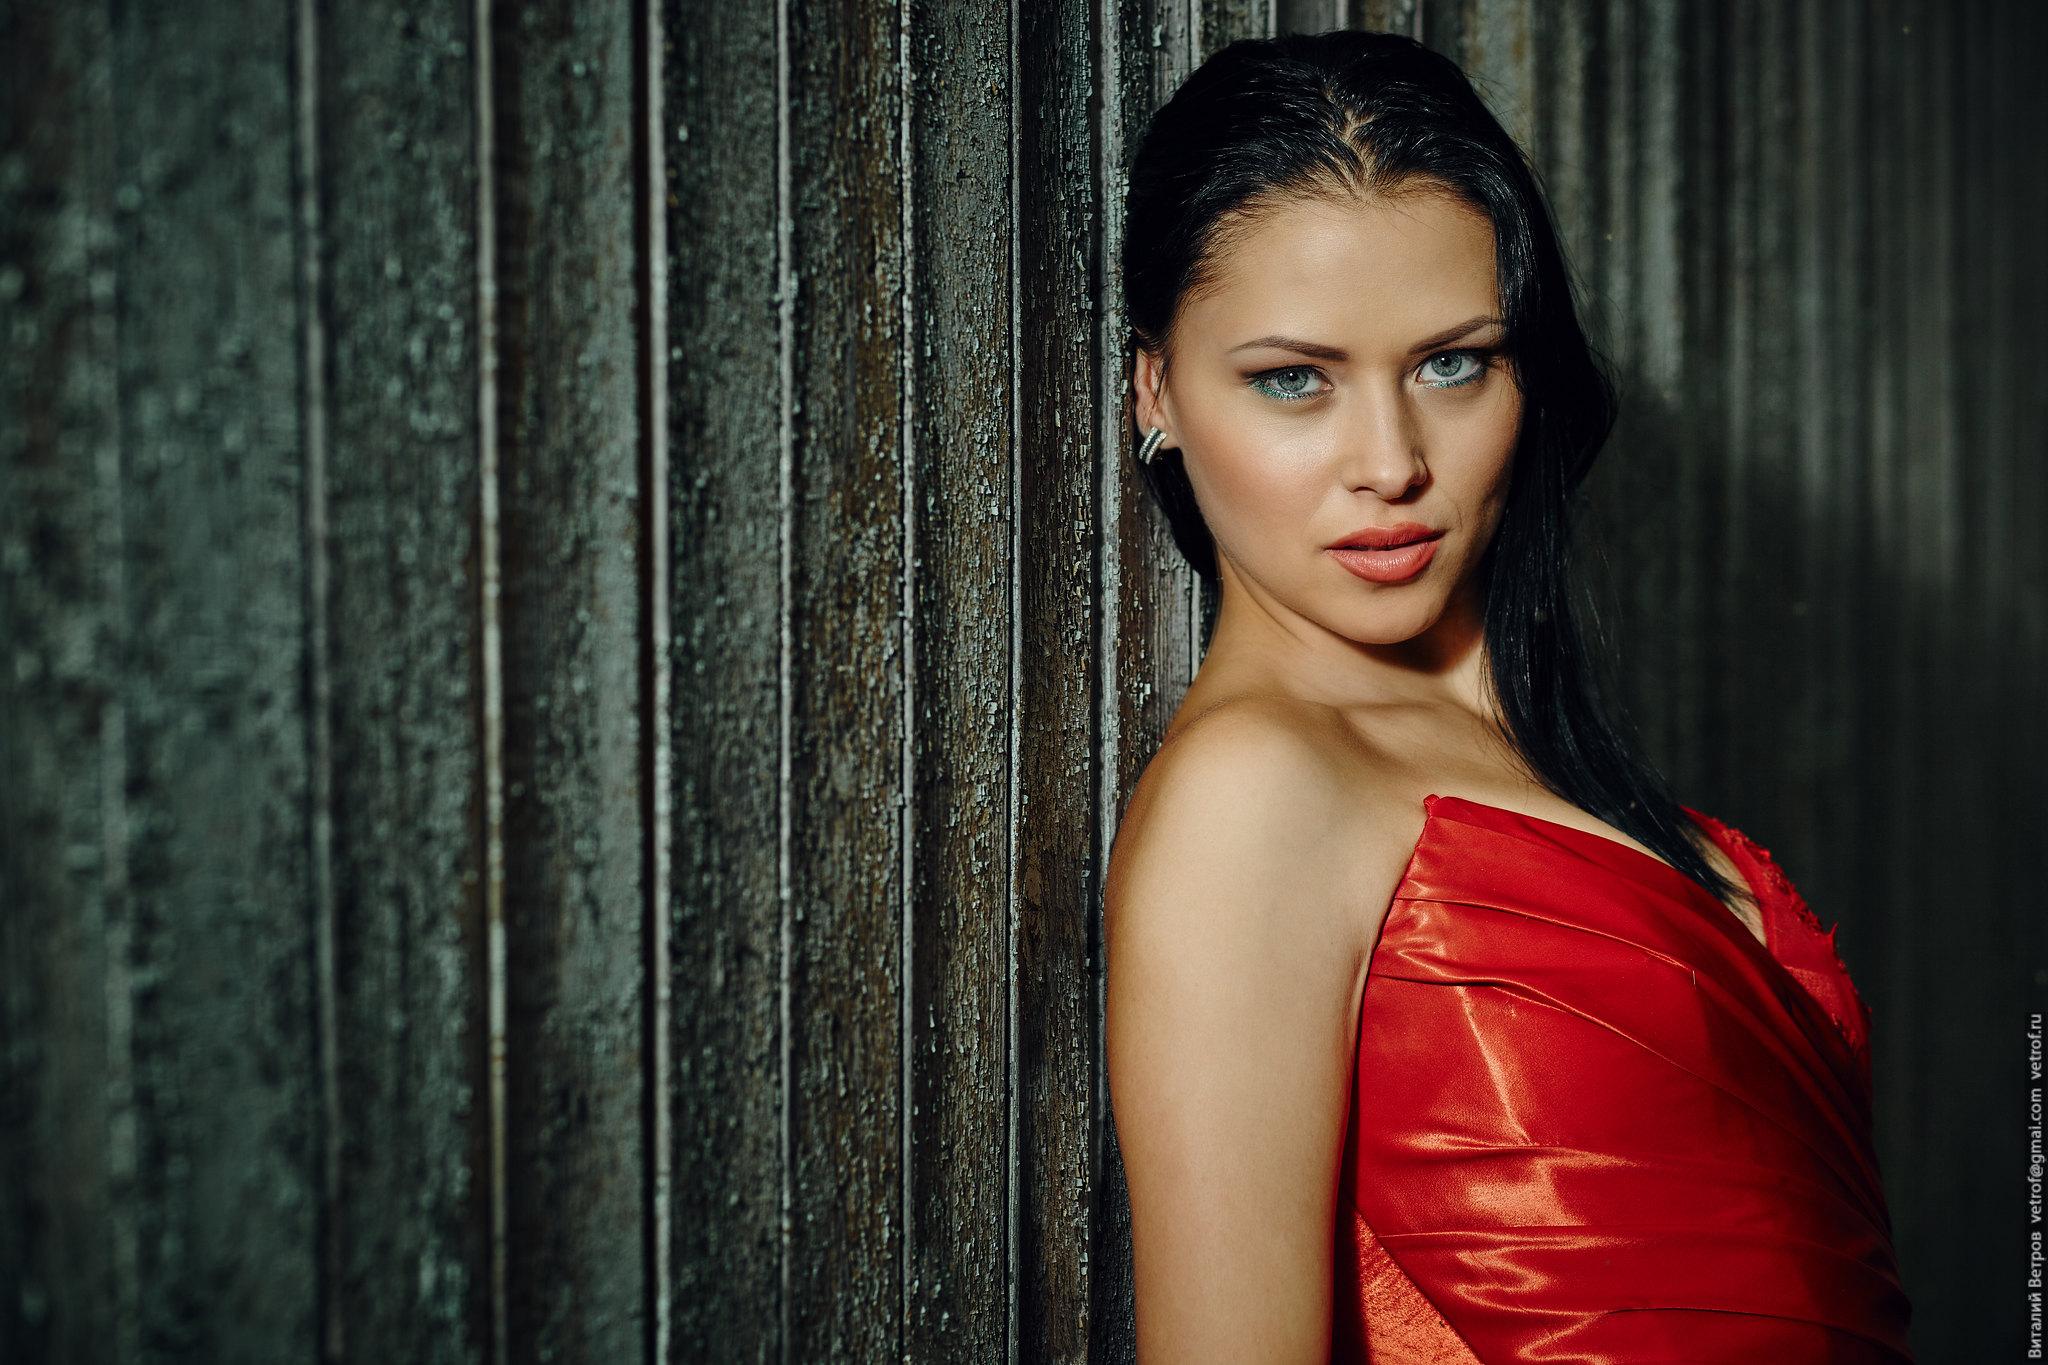 Портретная фотосессия. Студийный портрет. Фотограф в Сургуте: Виталий Ветров.